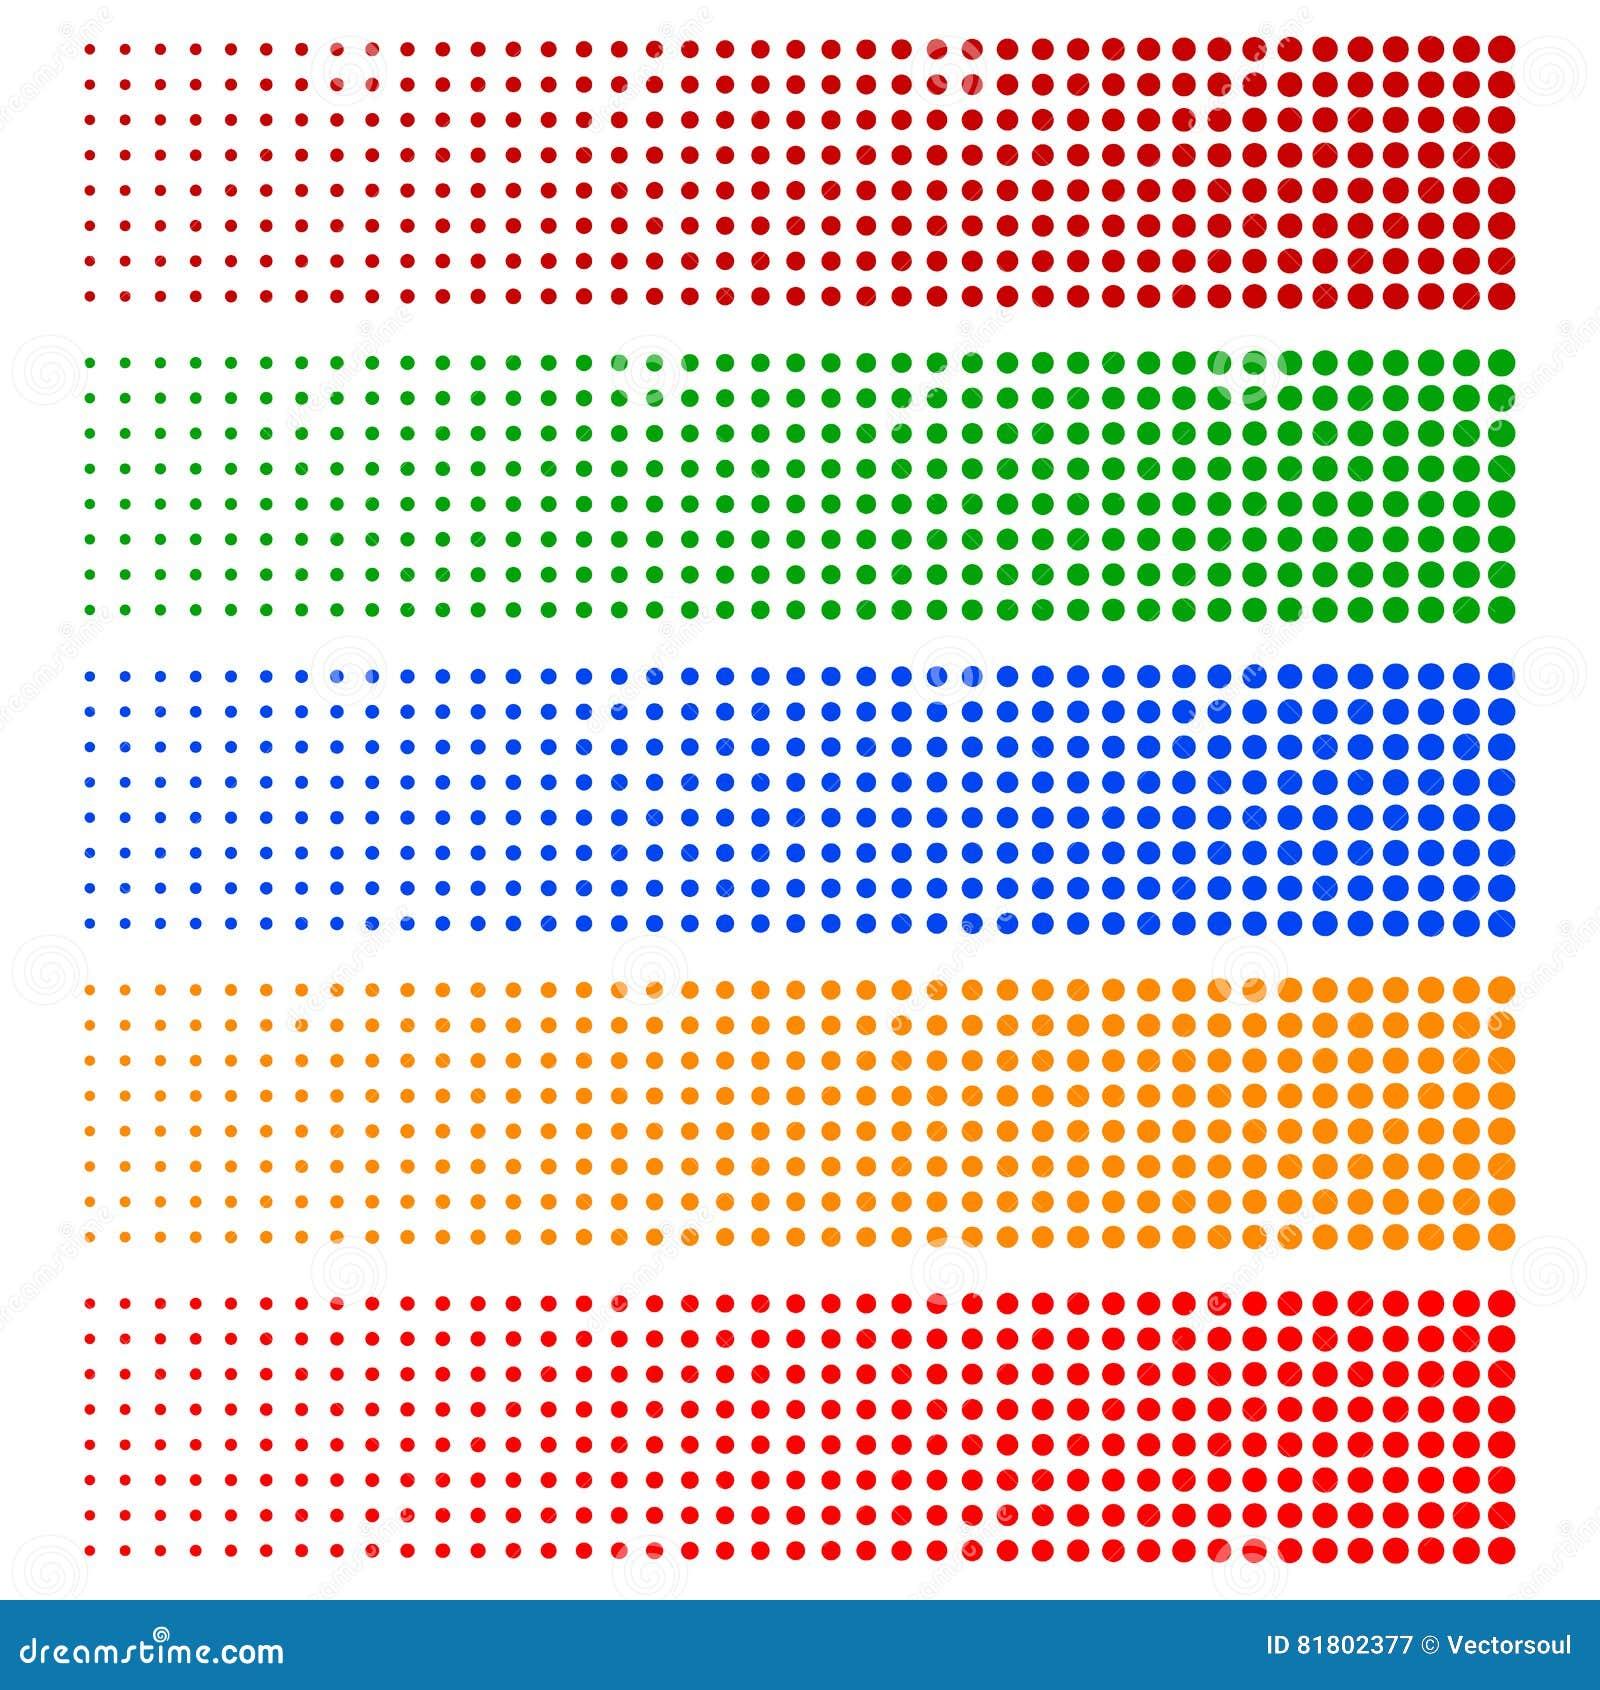 Halftone elementy Blaknąć okręgi w 5 kolorach